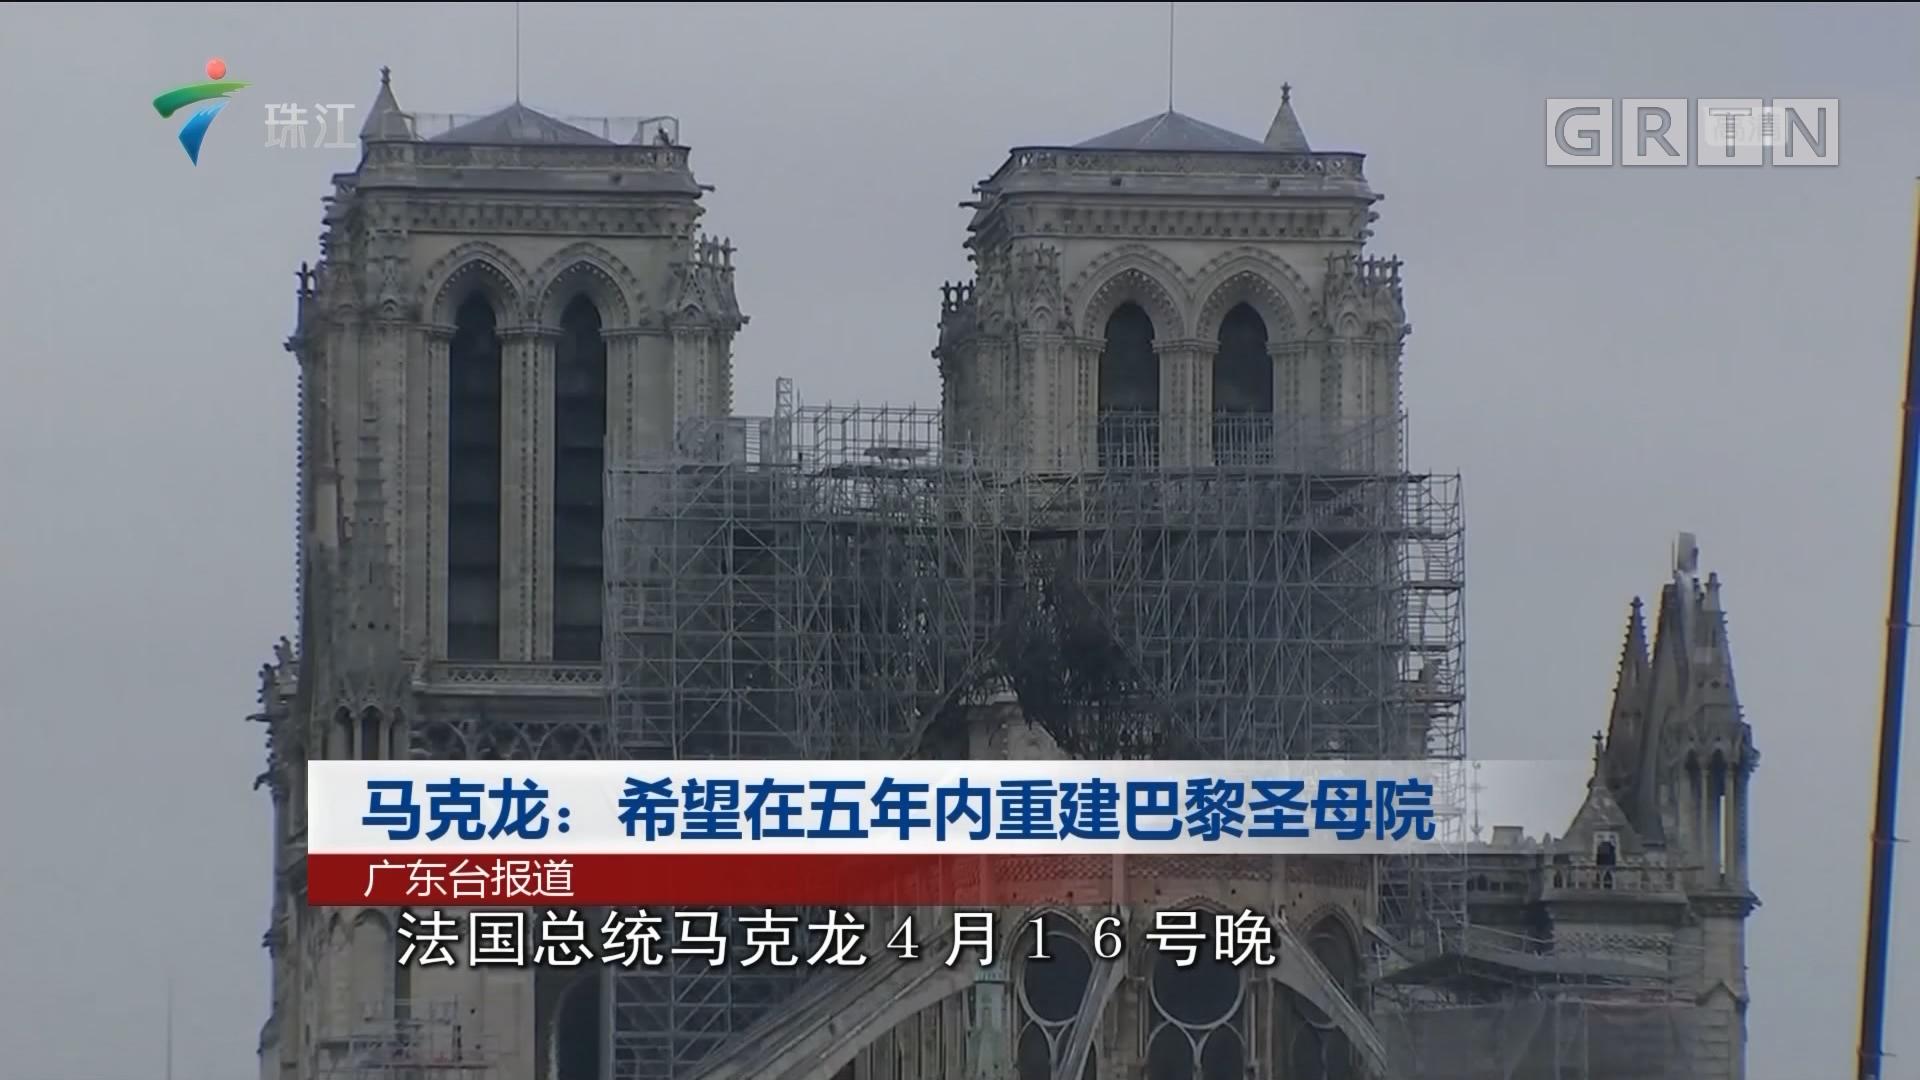 马克龙:希望在五年内重建巴黎圣母院